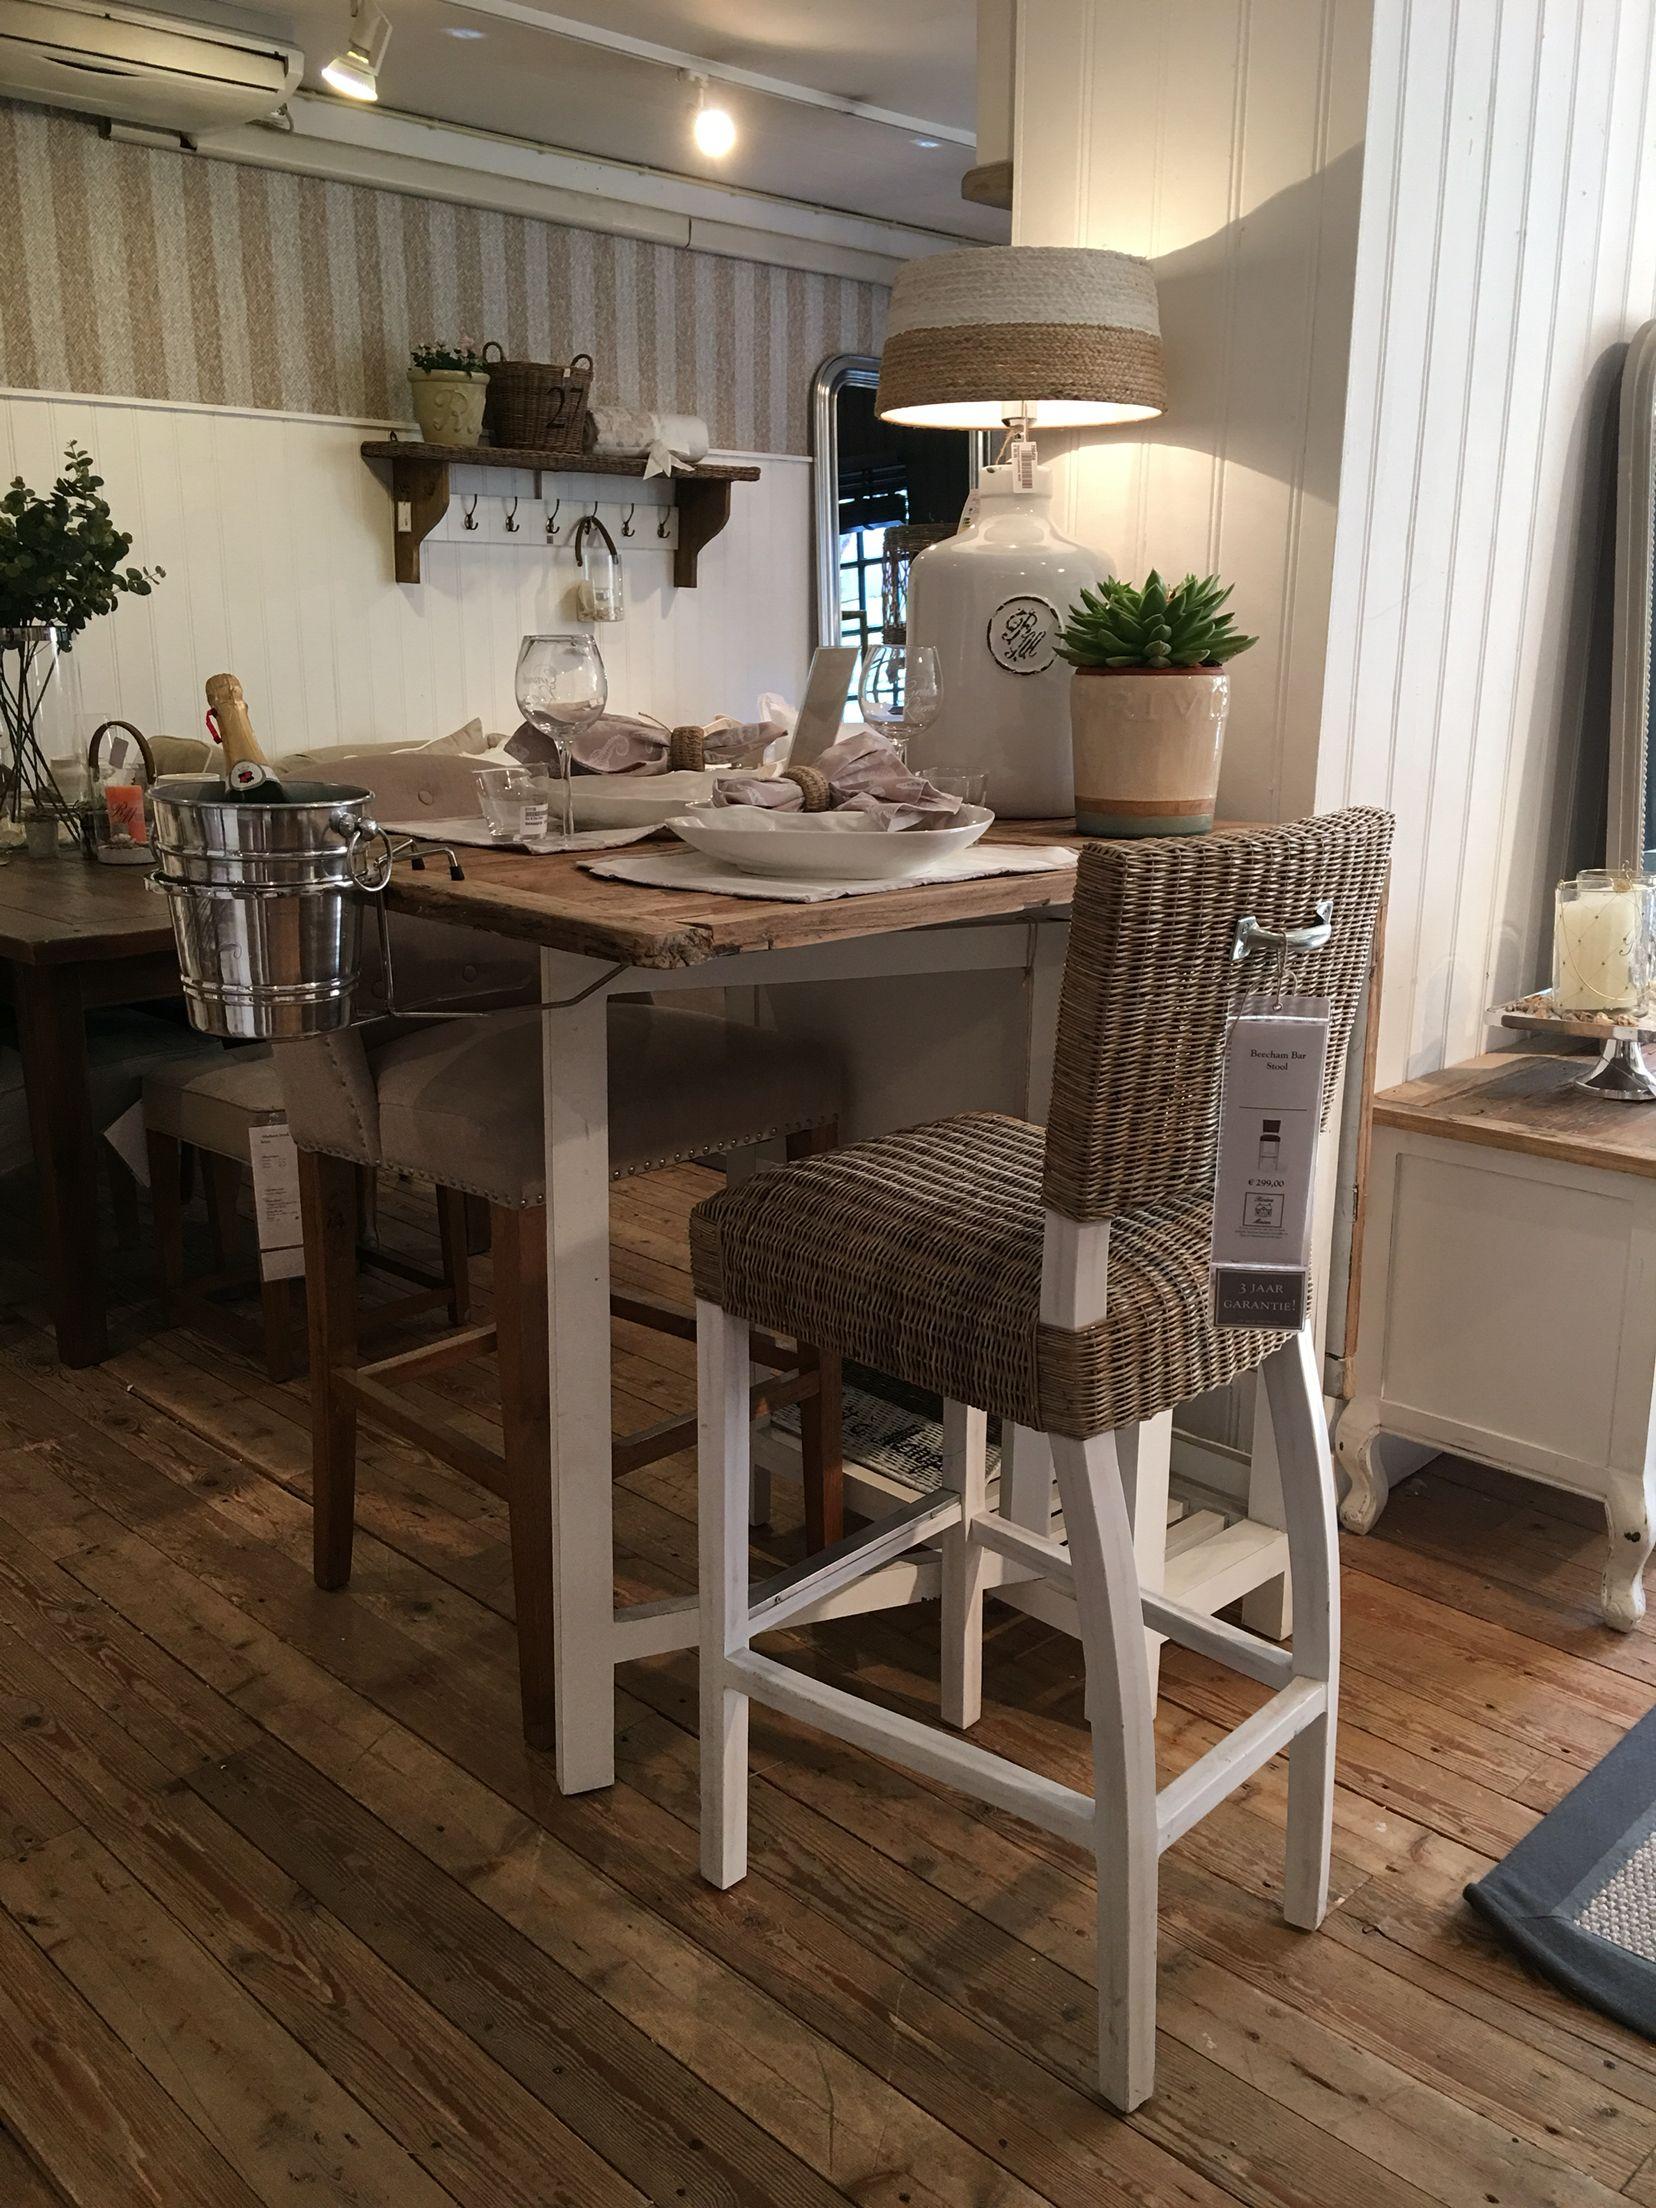 Pin von Lotta auf Home Sweet Home   Pinterest   Küche, Möbel und Wohnen